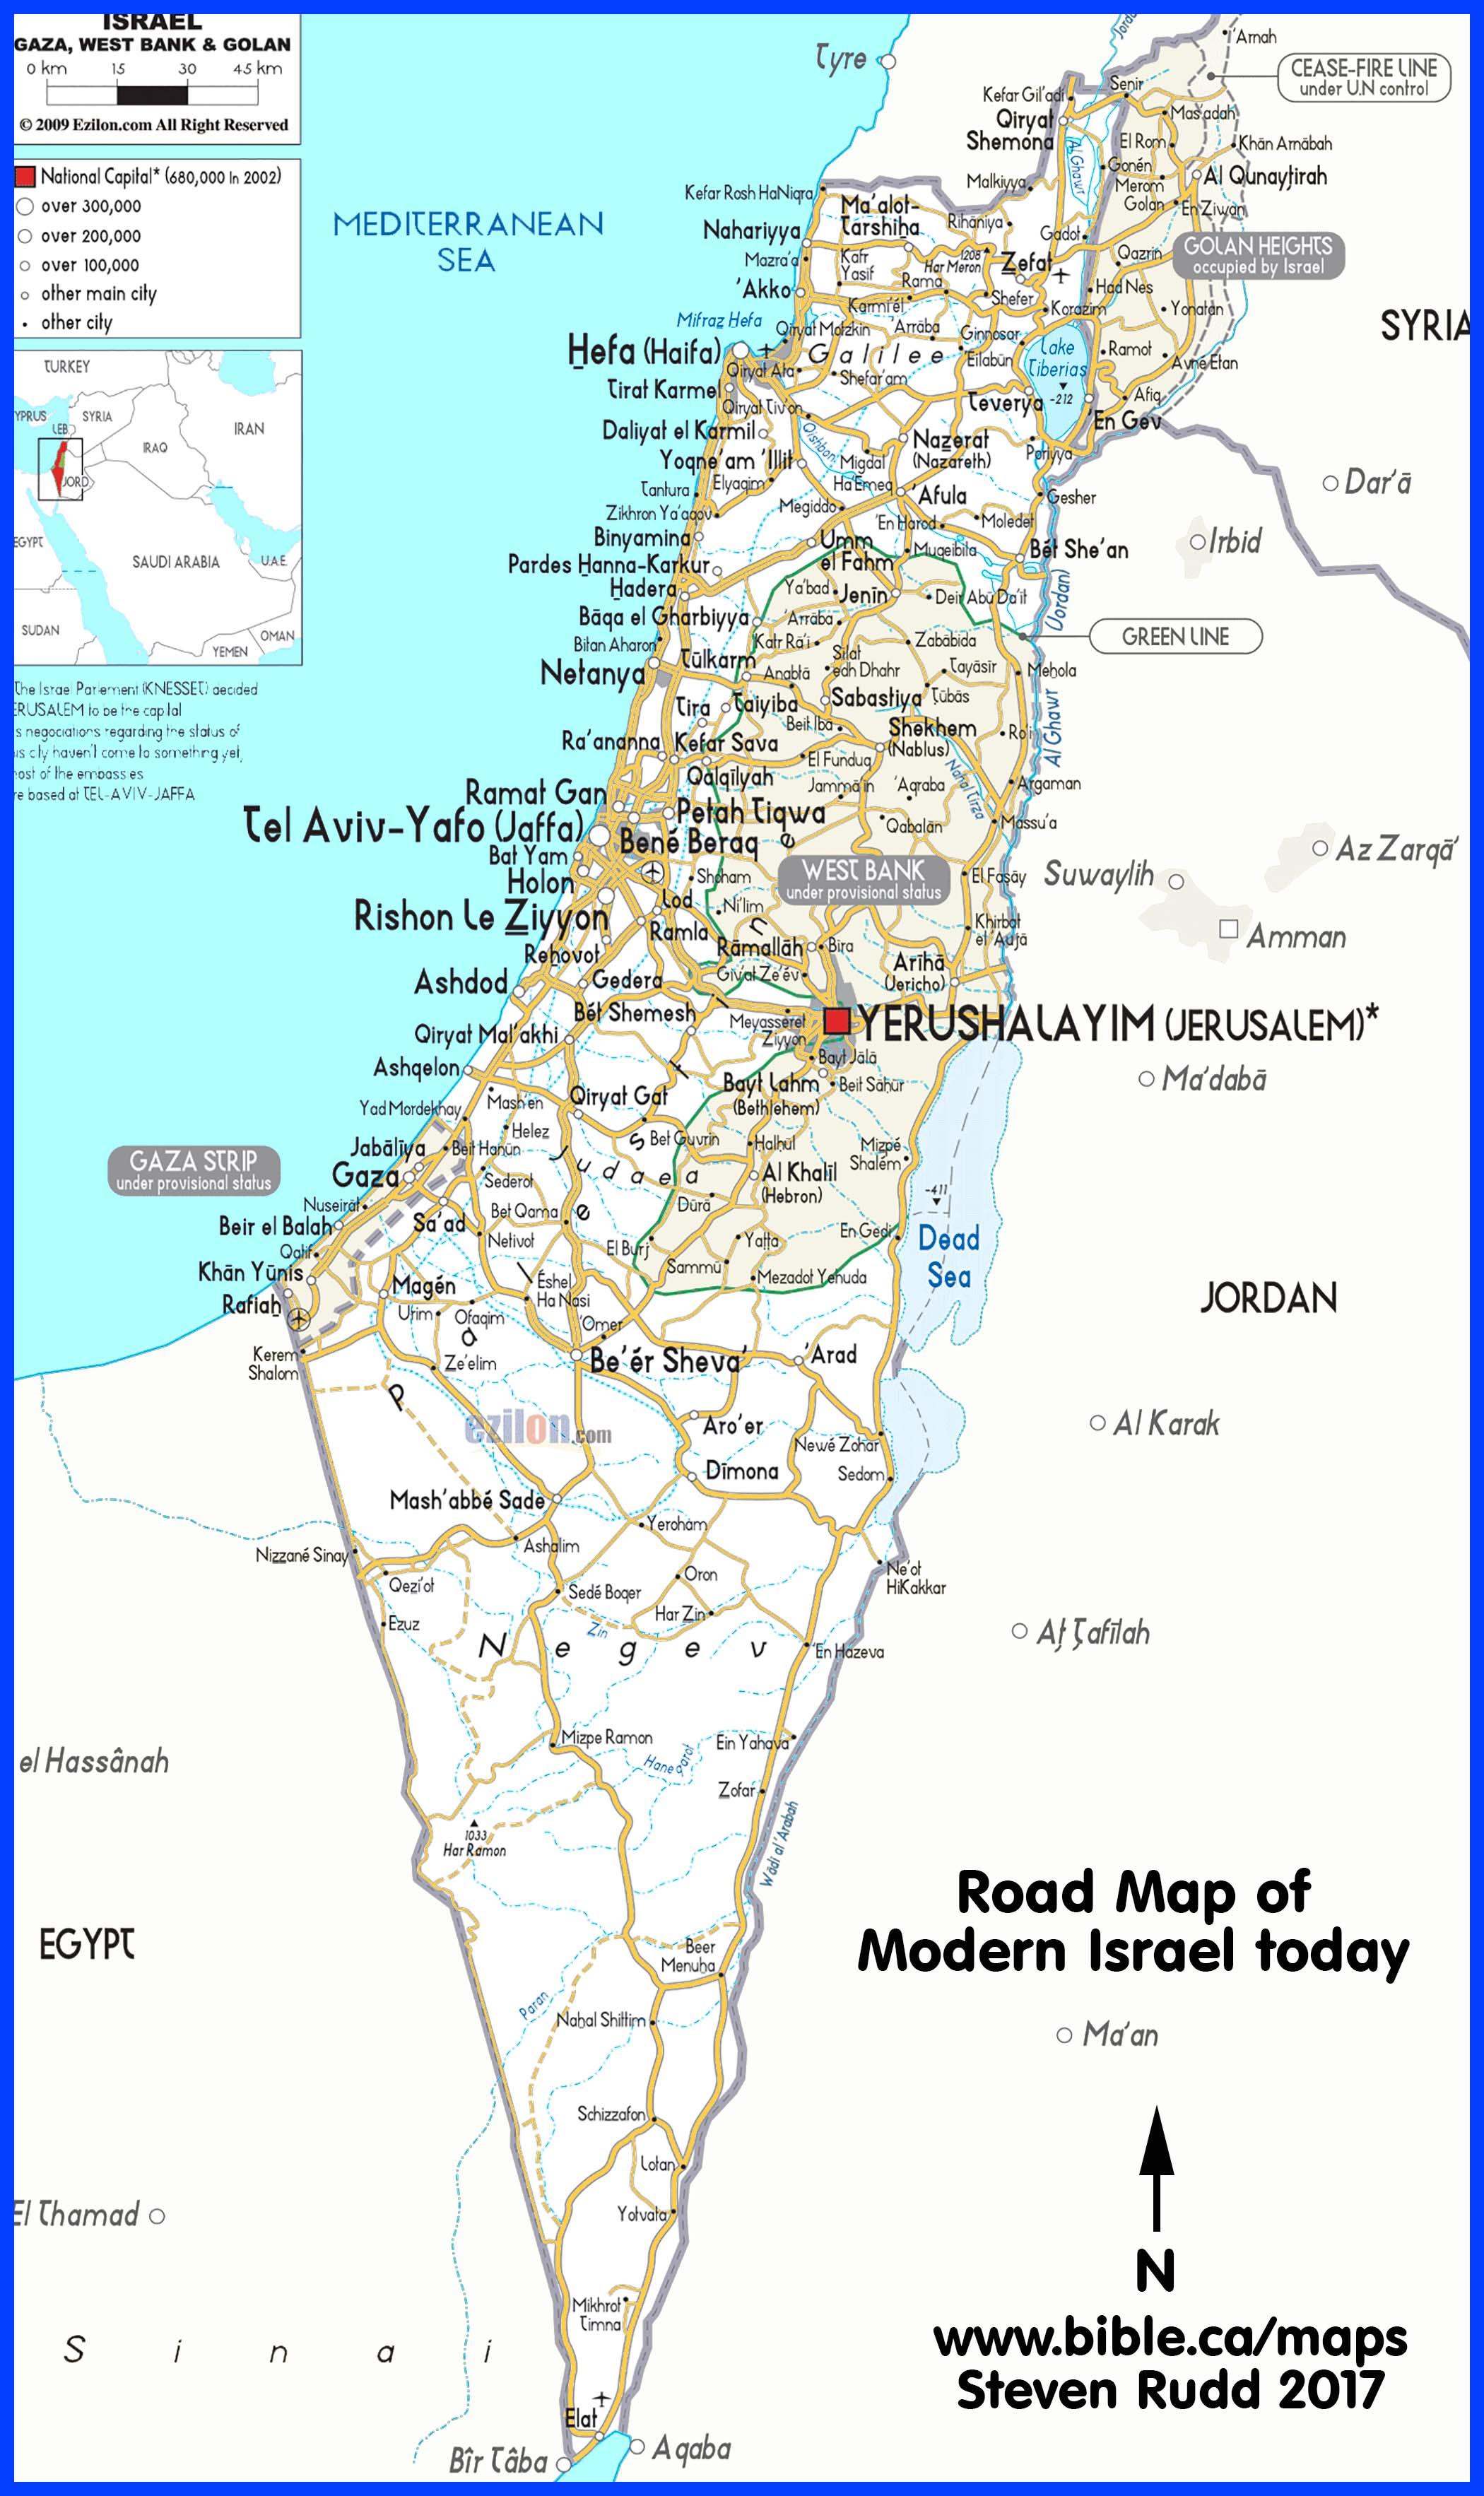 Israel profile - Timeline